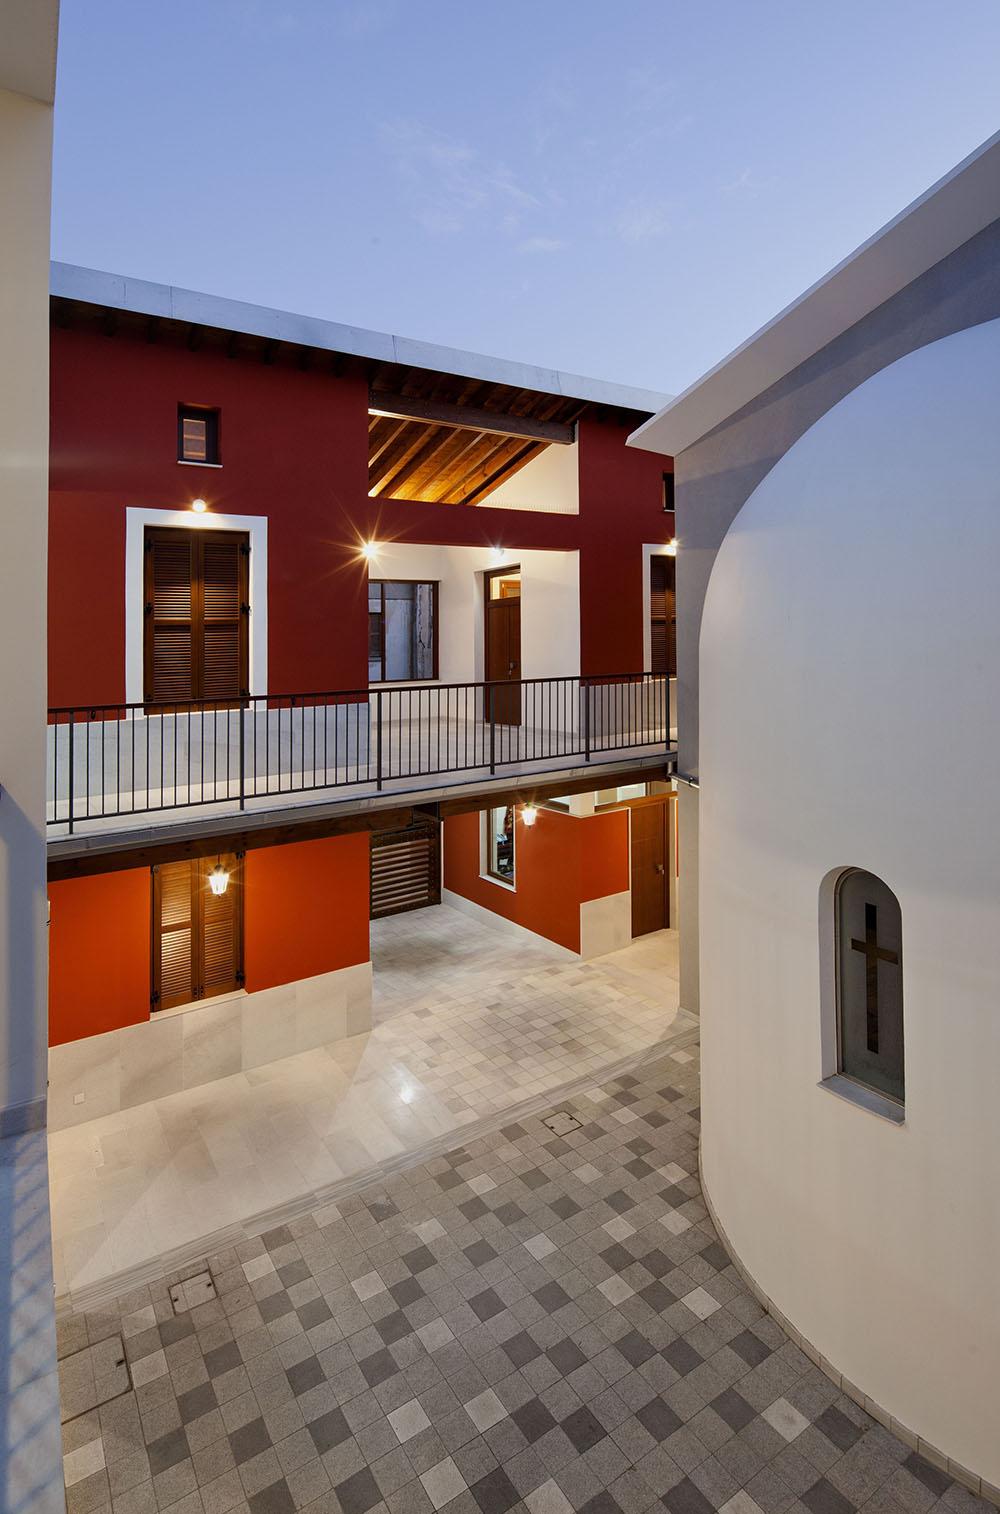 Η πτέρυγα των ξενώνων με τη δεύτερη είσοδο και το χαγιάτι/ ηλιακό όπου ανοίγουν δύο από τους ξενώνες του ορόφου, © Creative Photo Room